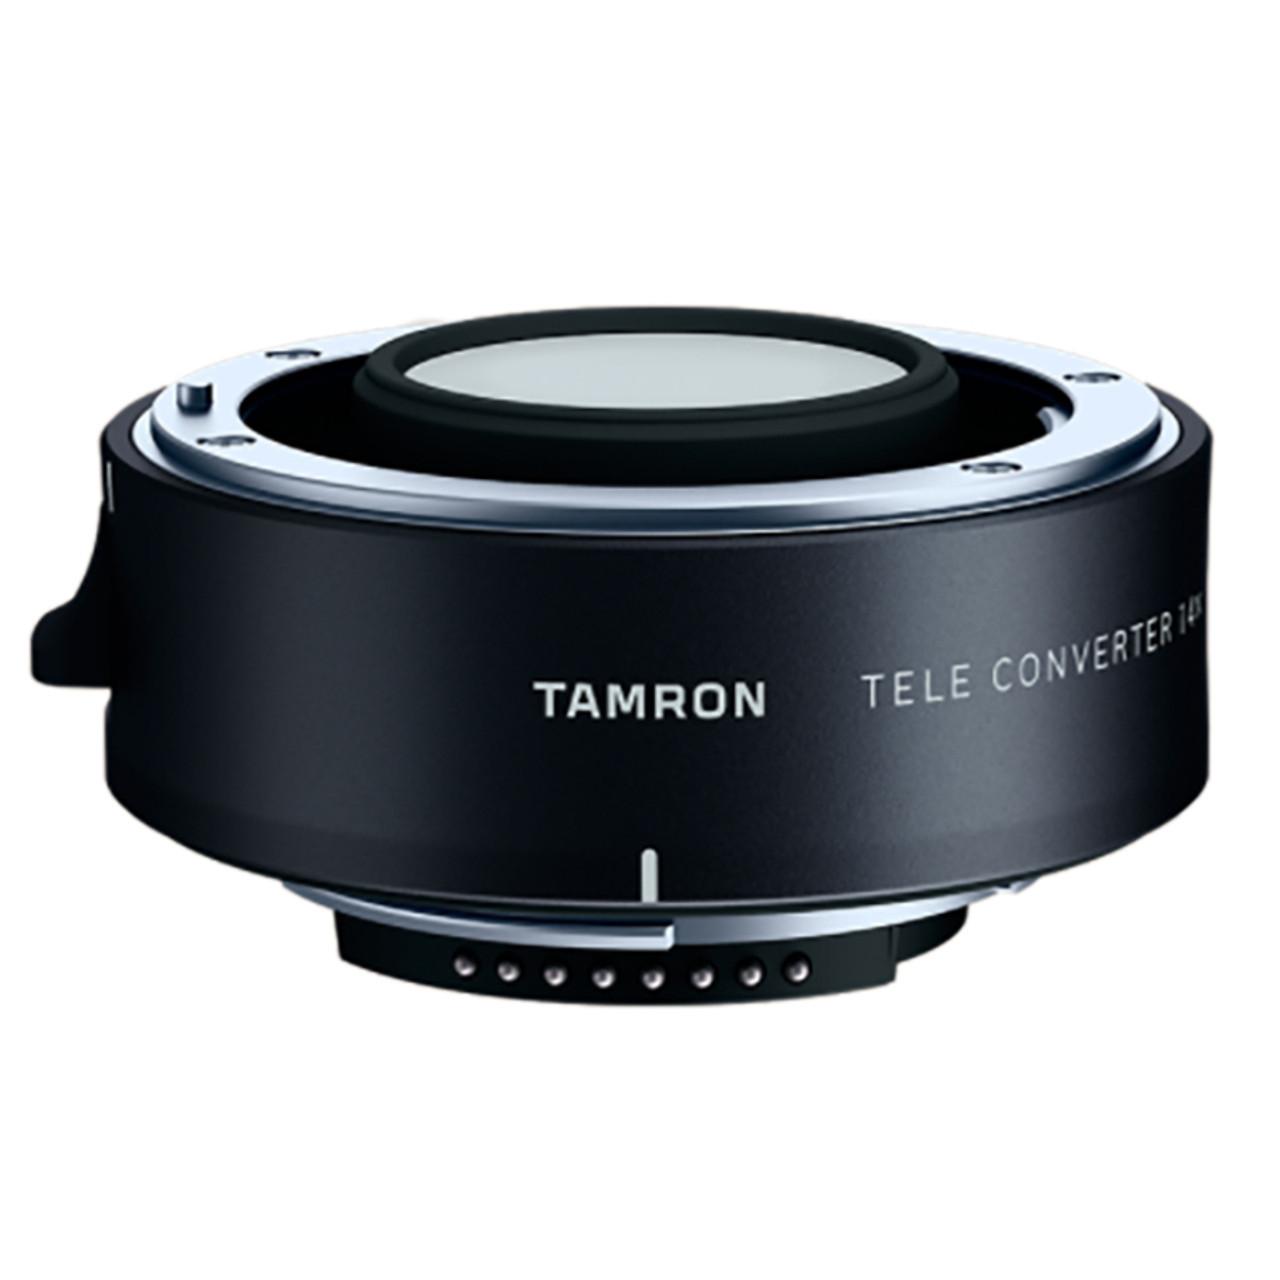 TAMRON TC-X14 1.4X TELECONVERTER (NIKON)